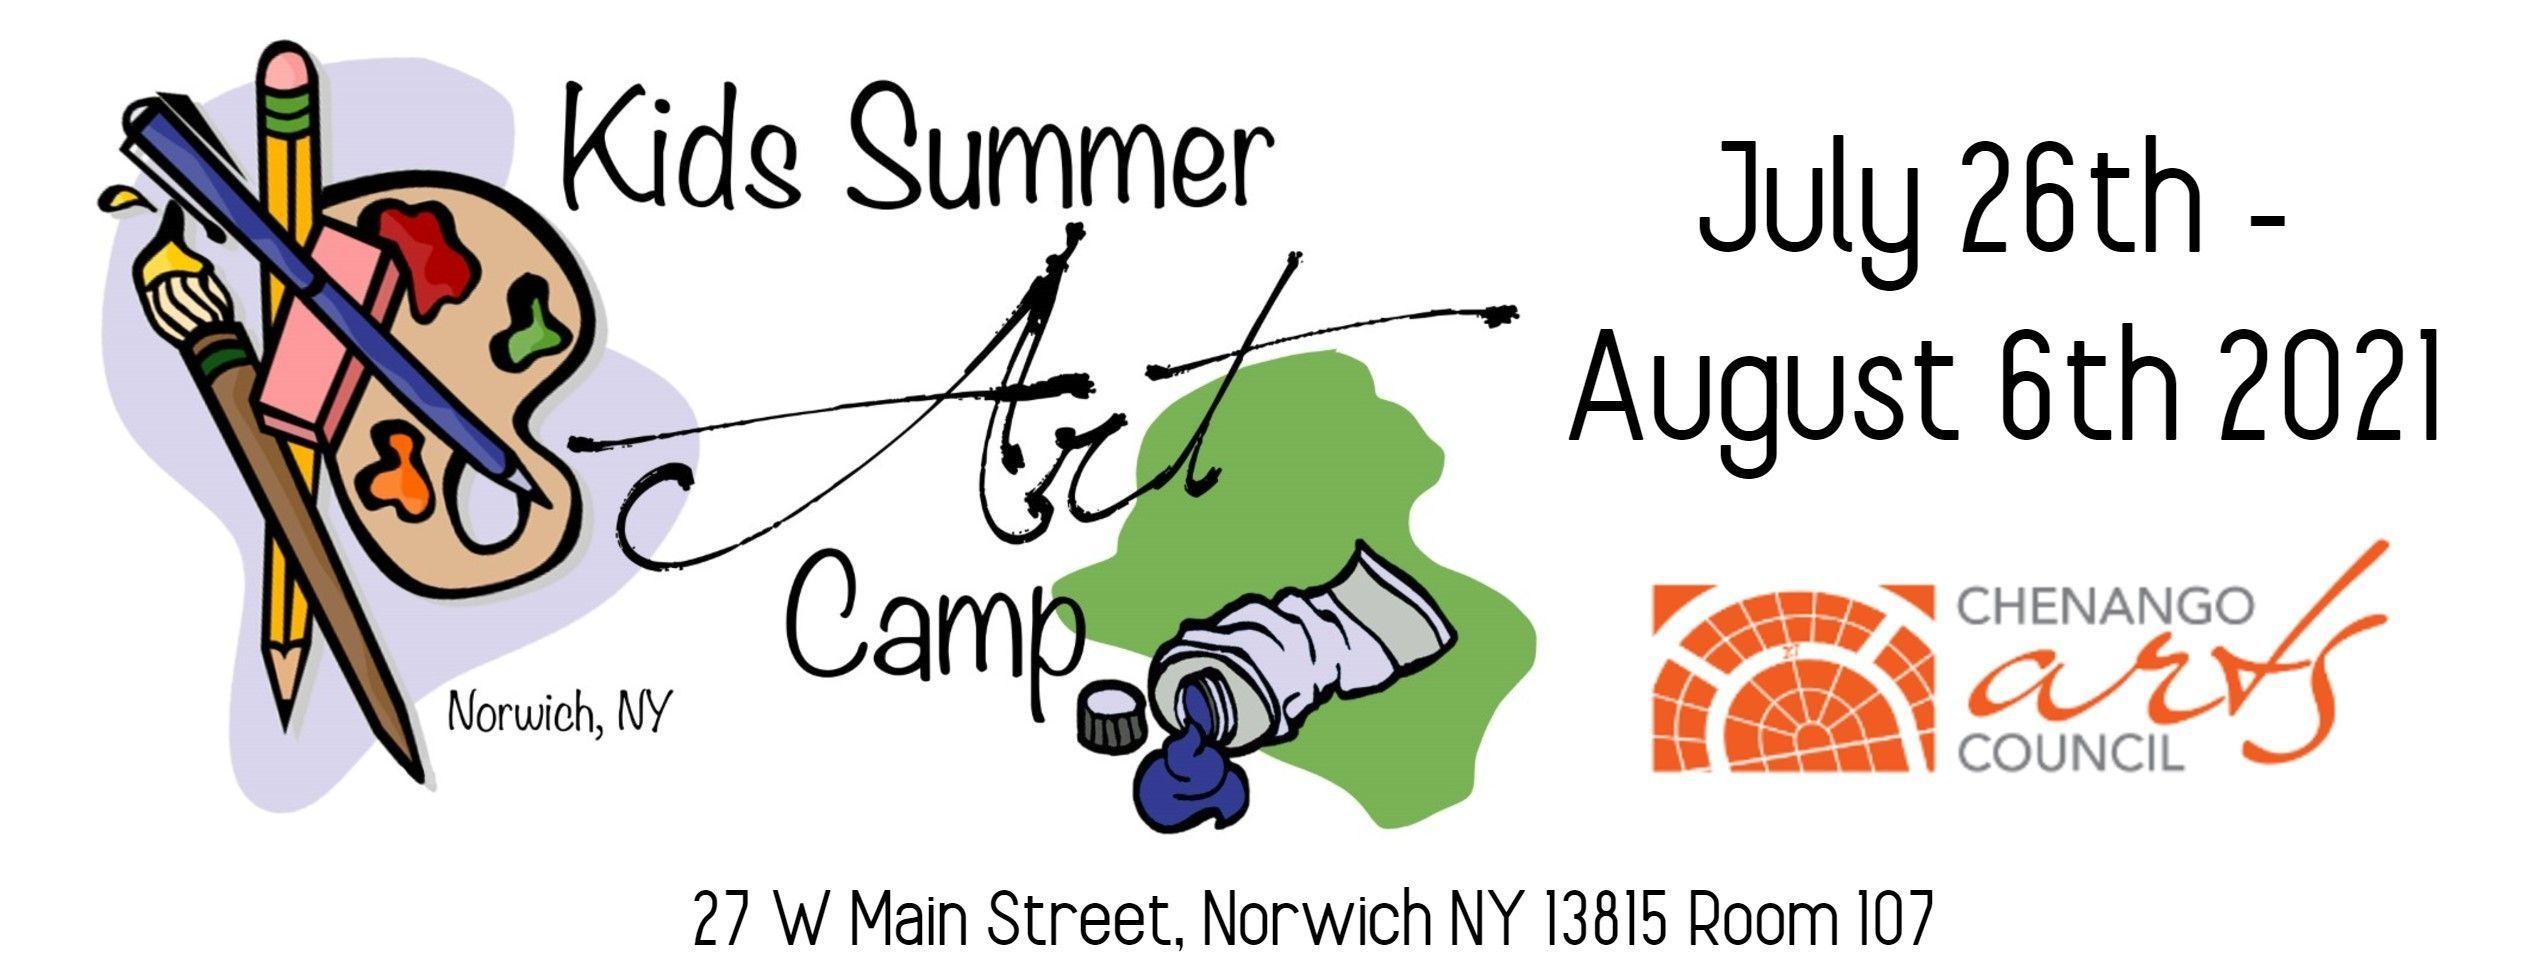 Kids Summer Art Camp is Back!